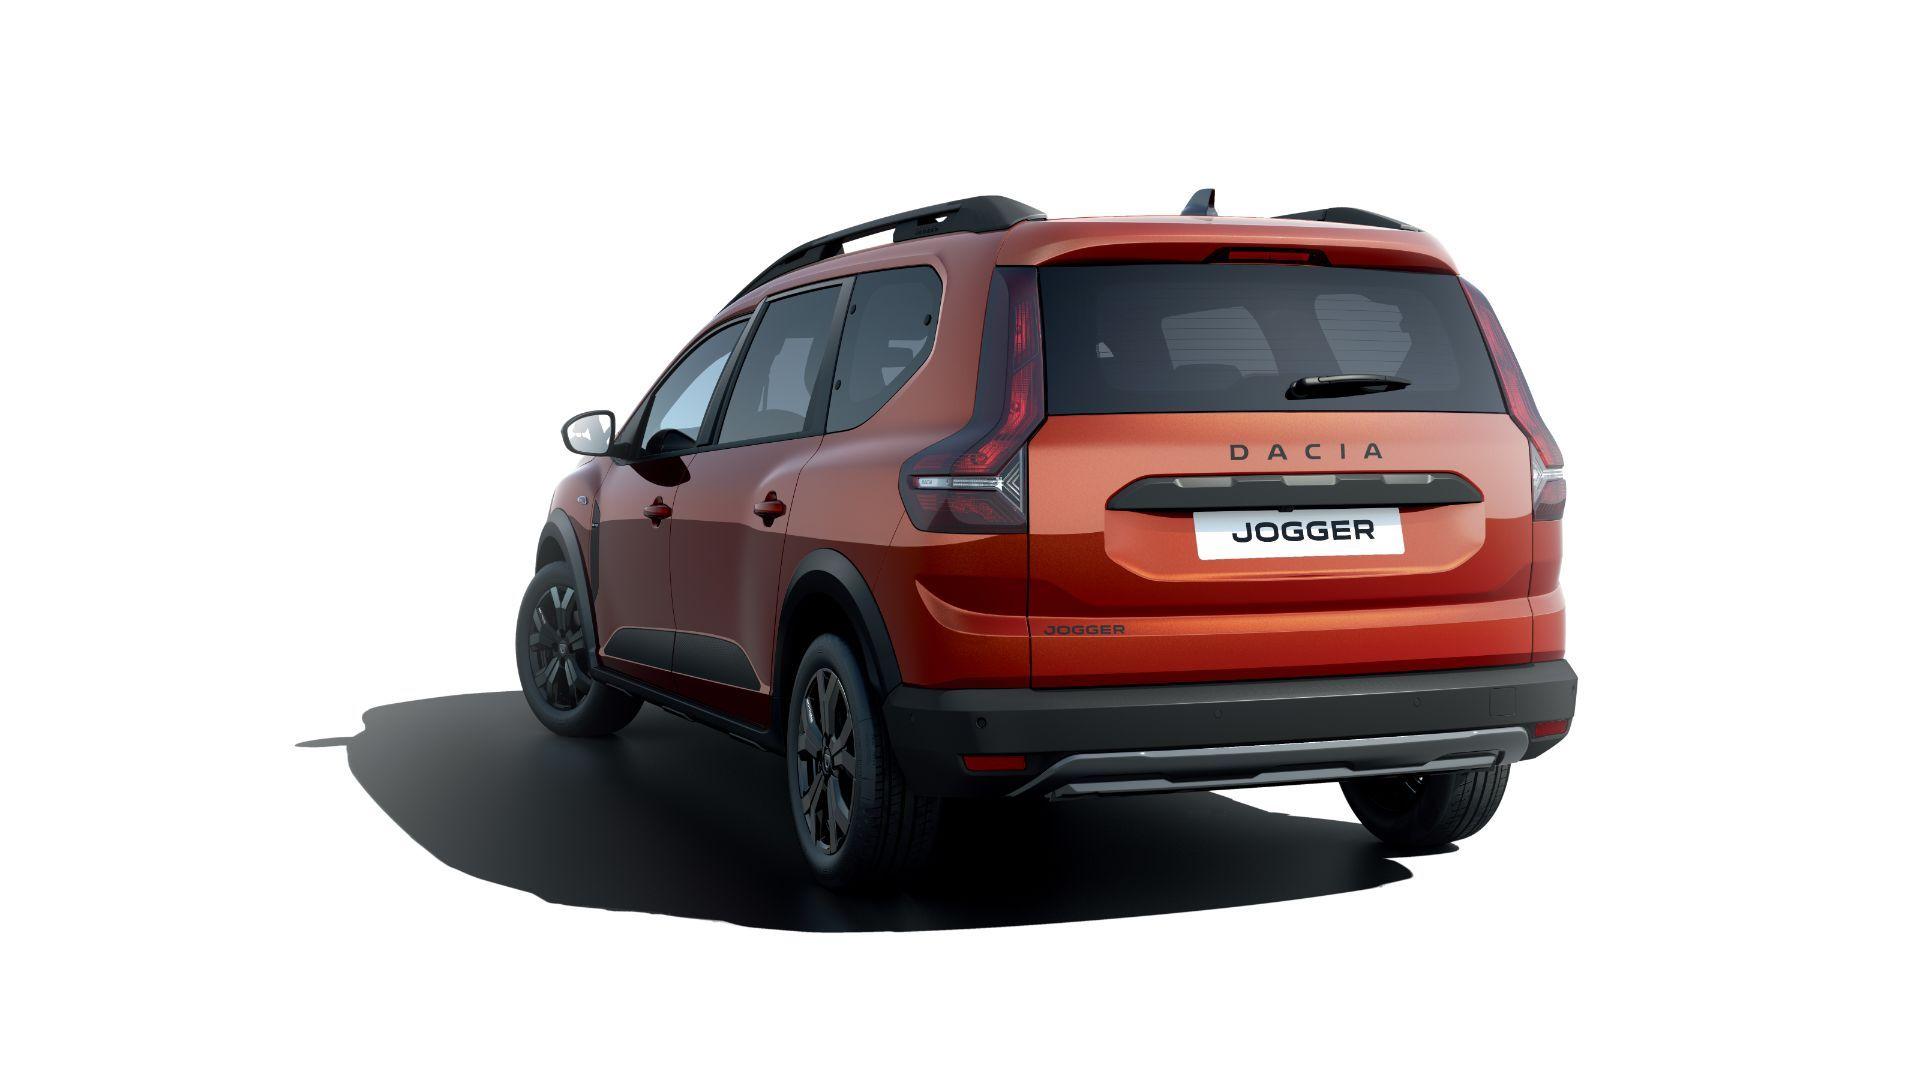 Dacia-Jogger-28